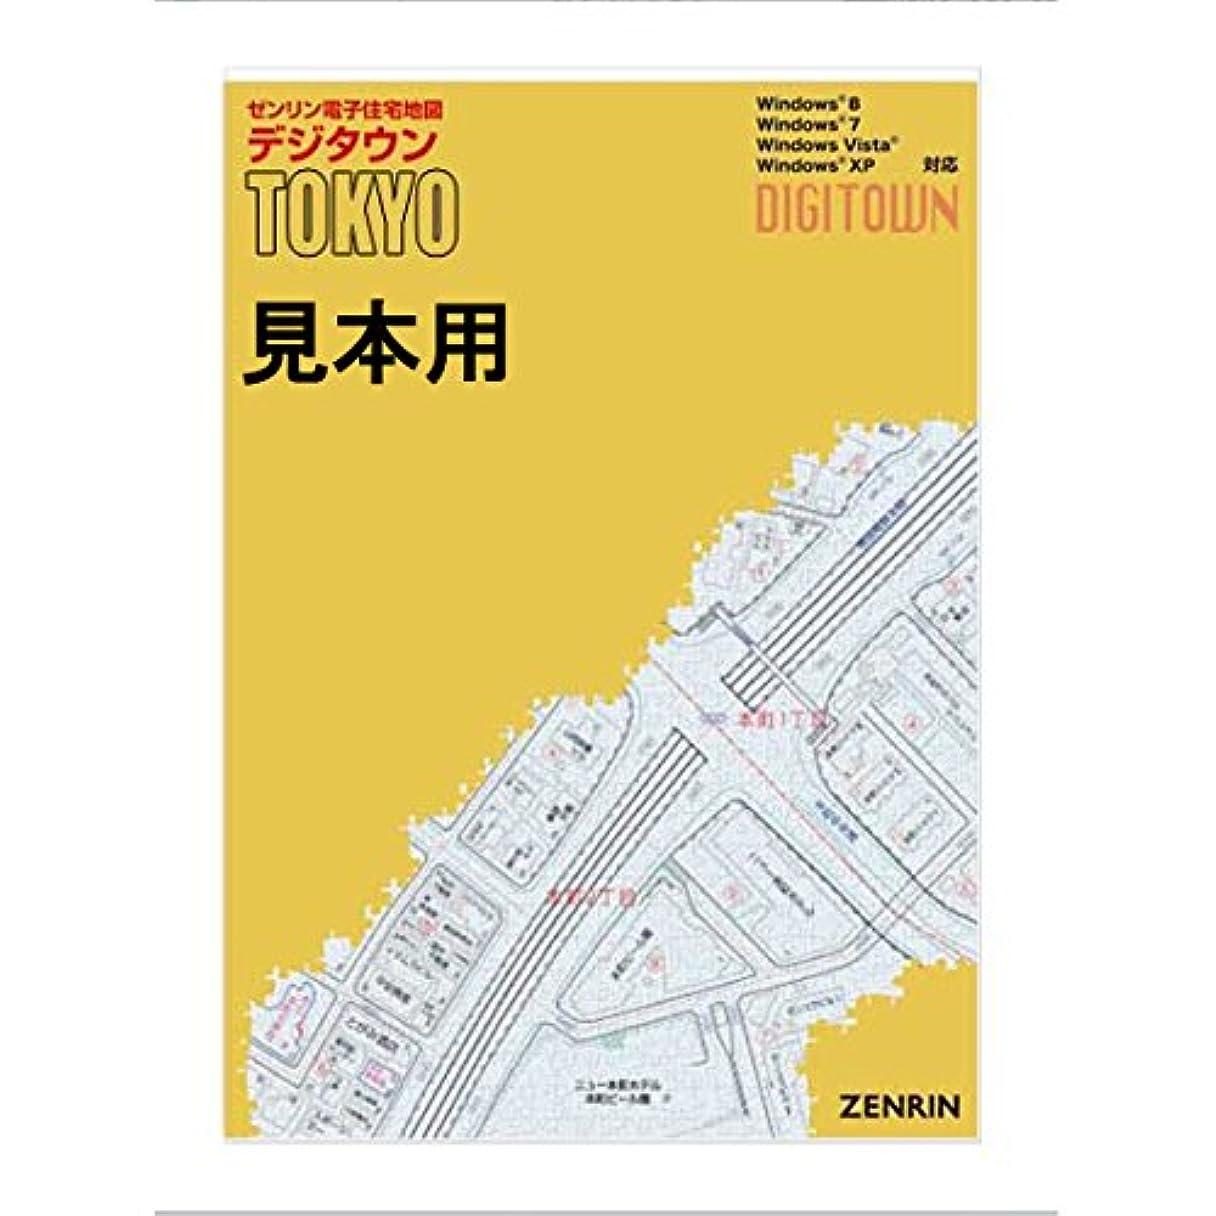 英語の授業があります乗って名誉あるゼンリン電子住宅地図 デジタウン 北海道 札幌市中央区 発行年月201612 011010Z0O